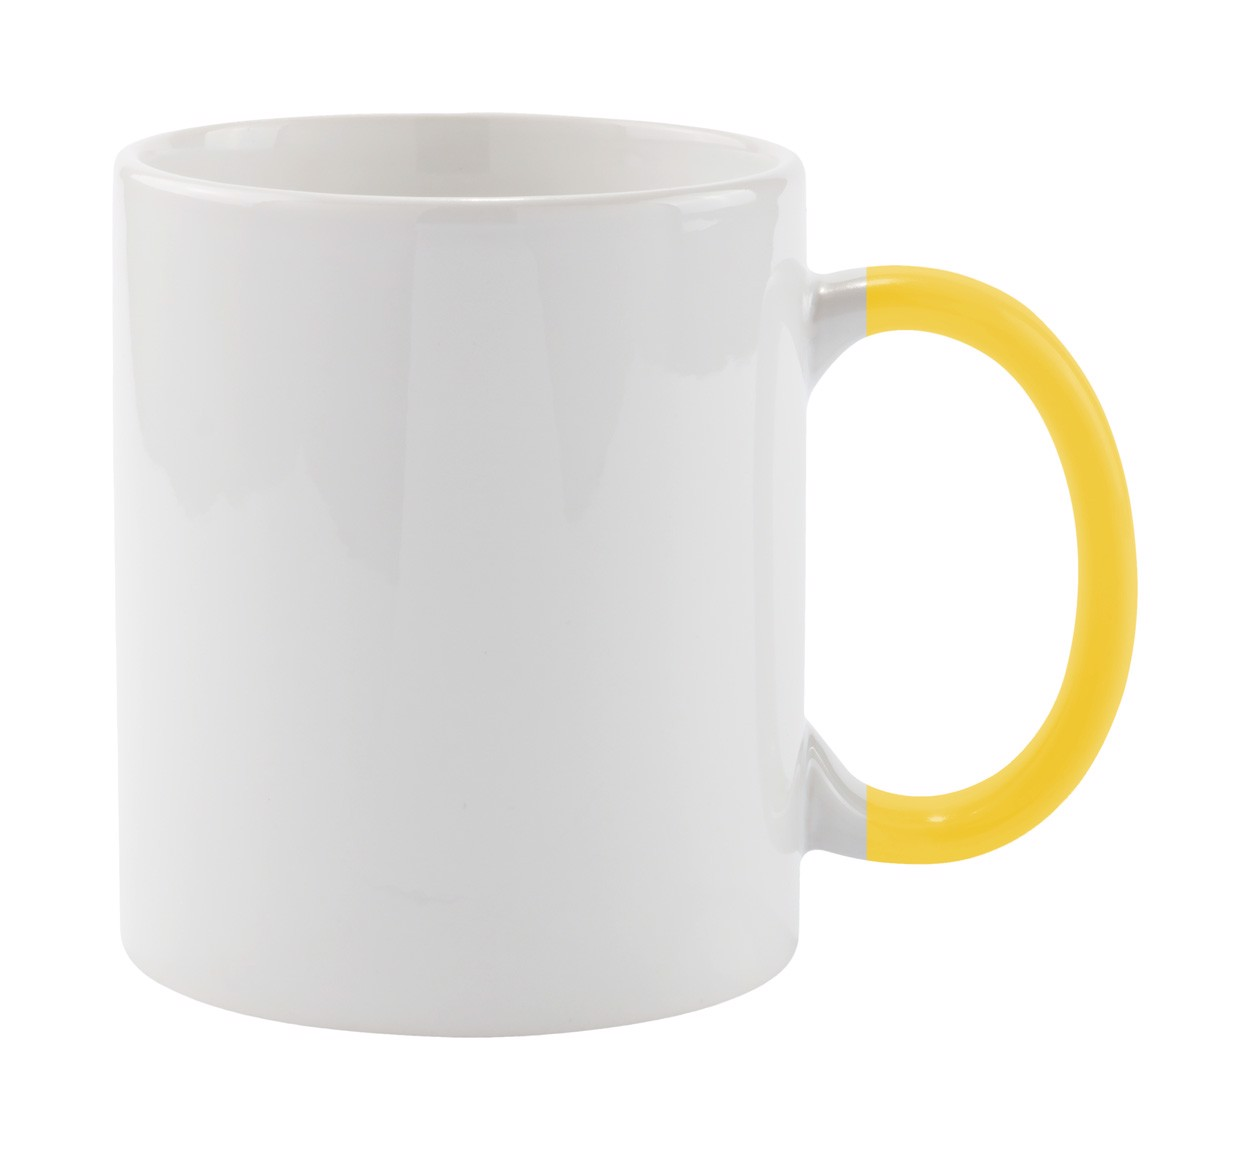 Hrnek Plesik - Bílá / Žlutá